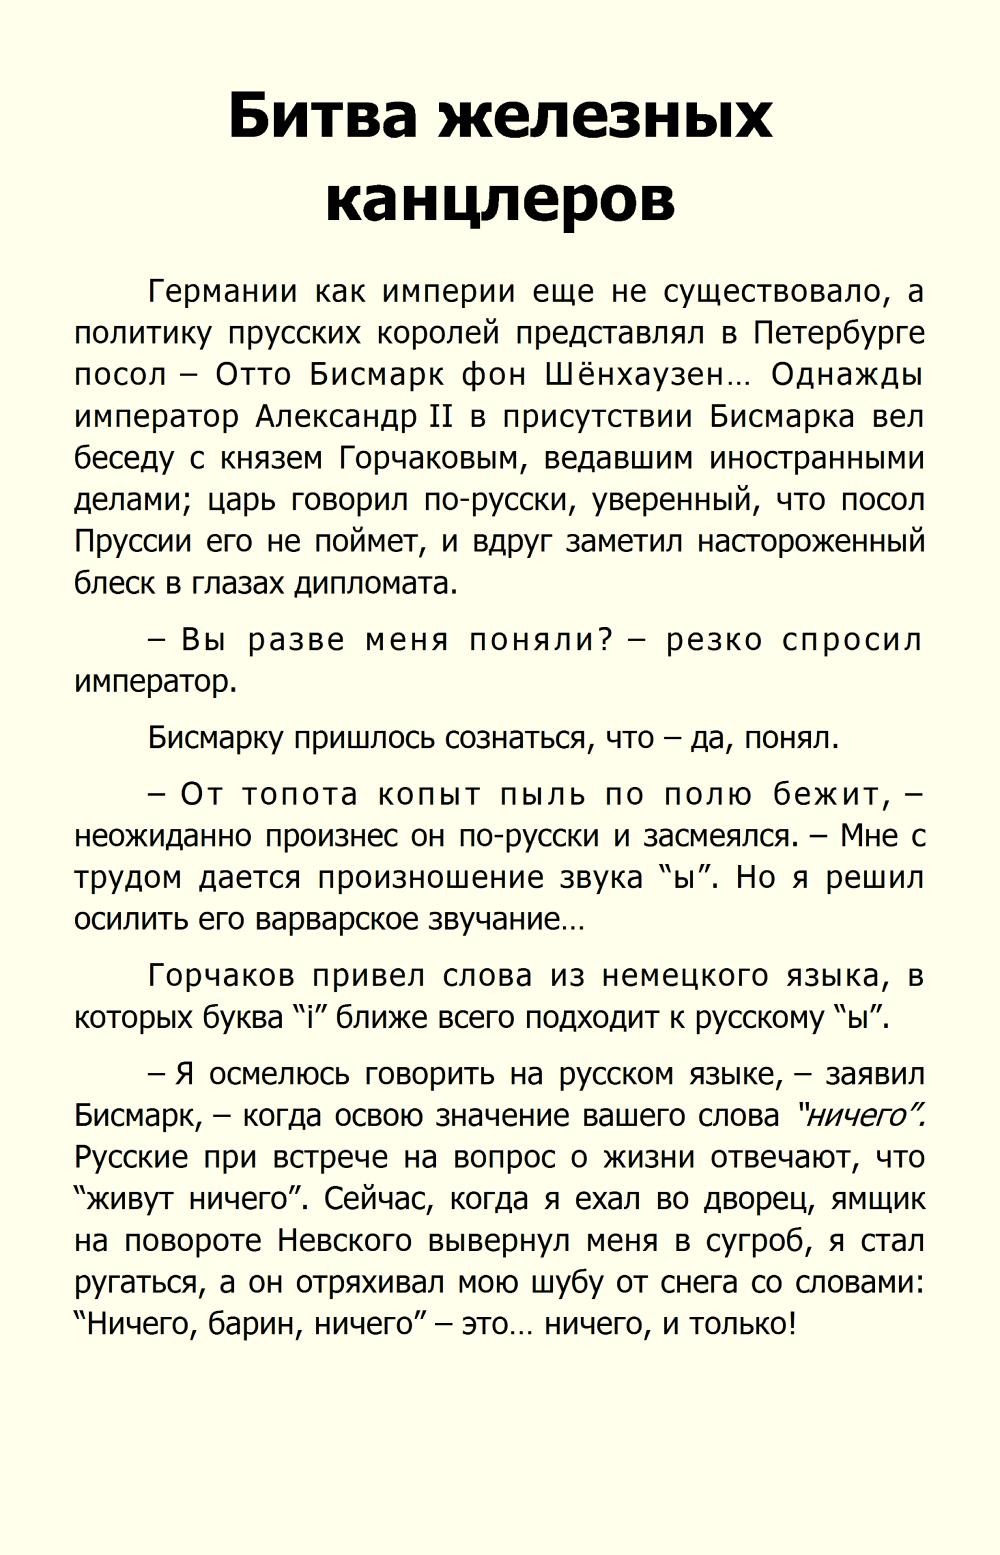 http://i1.imageban.ru/out/2013/10/01/494a3850c08efdd7abb28c1bfb9e7568.jpg